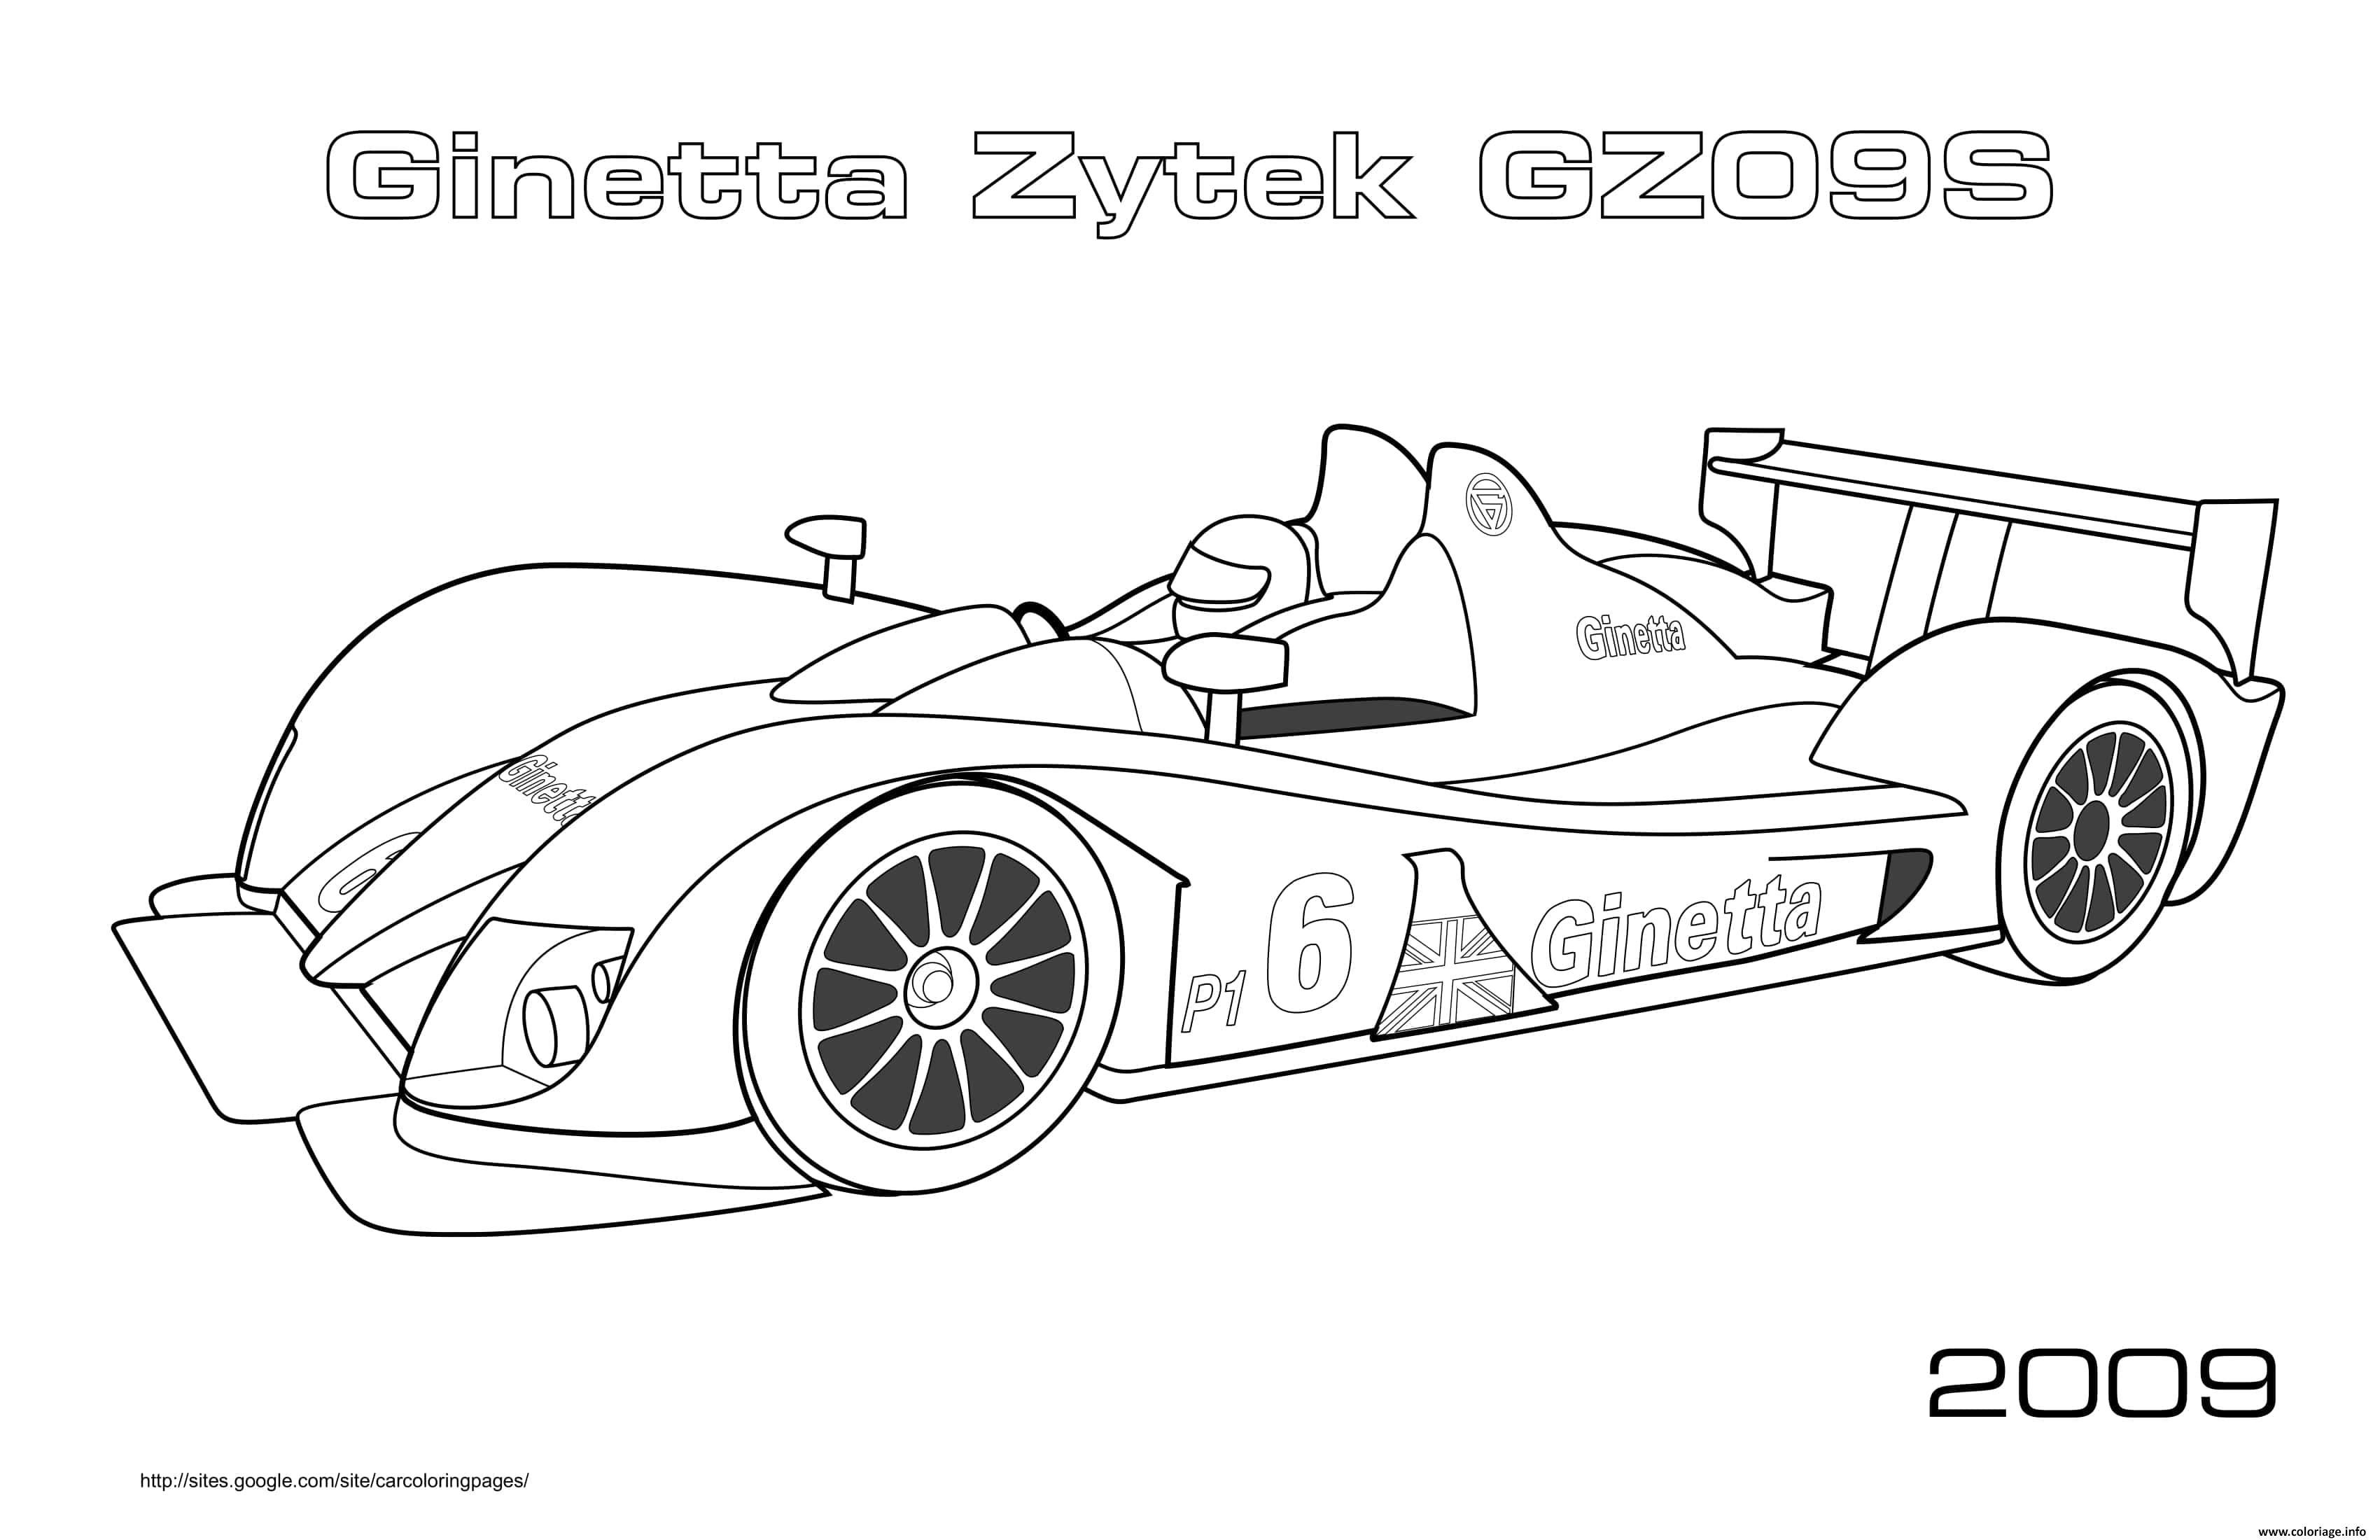 Dessin Formule 1 Ginetta Zytek Gz09s 2009 Coloriage Gratuit à Imprimer